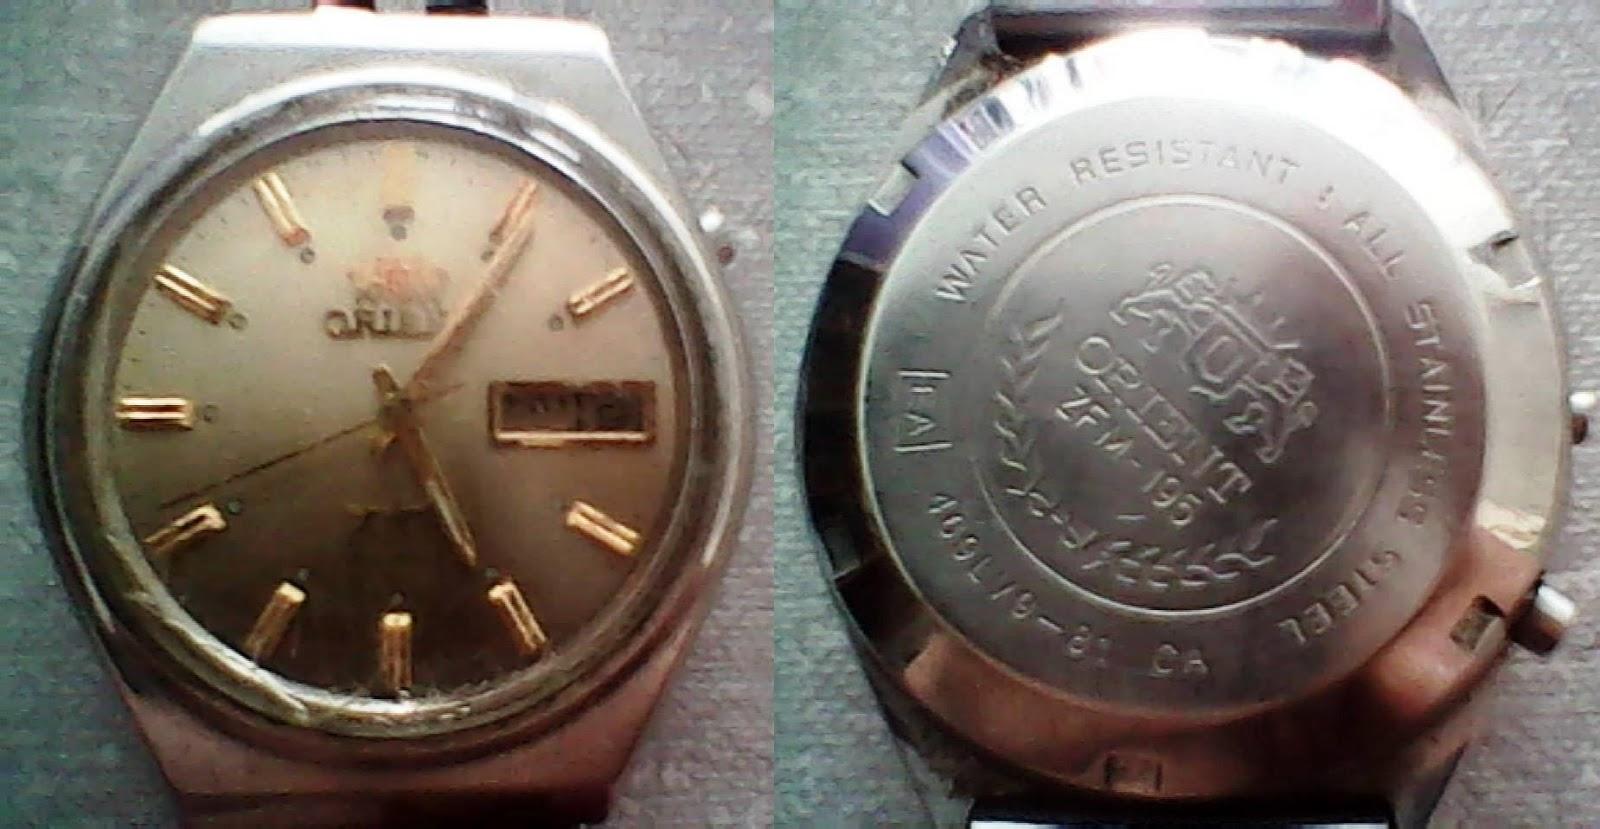 2dd20fac69f Relógio Orient antigo e moderno -- Comparação.